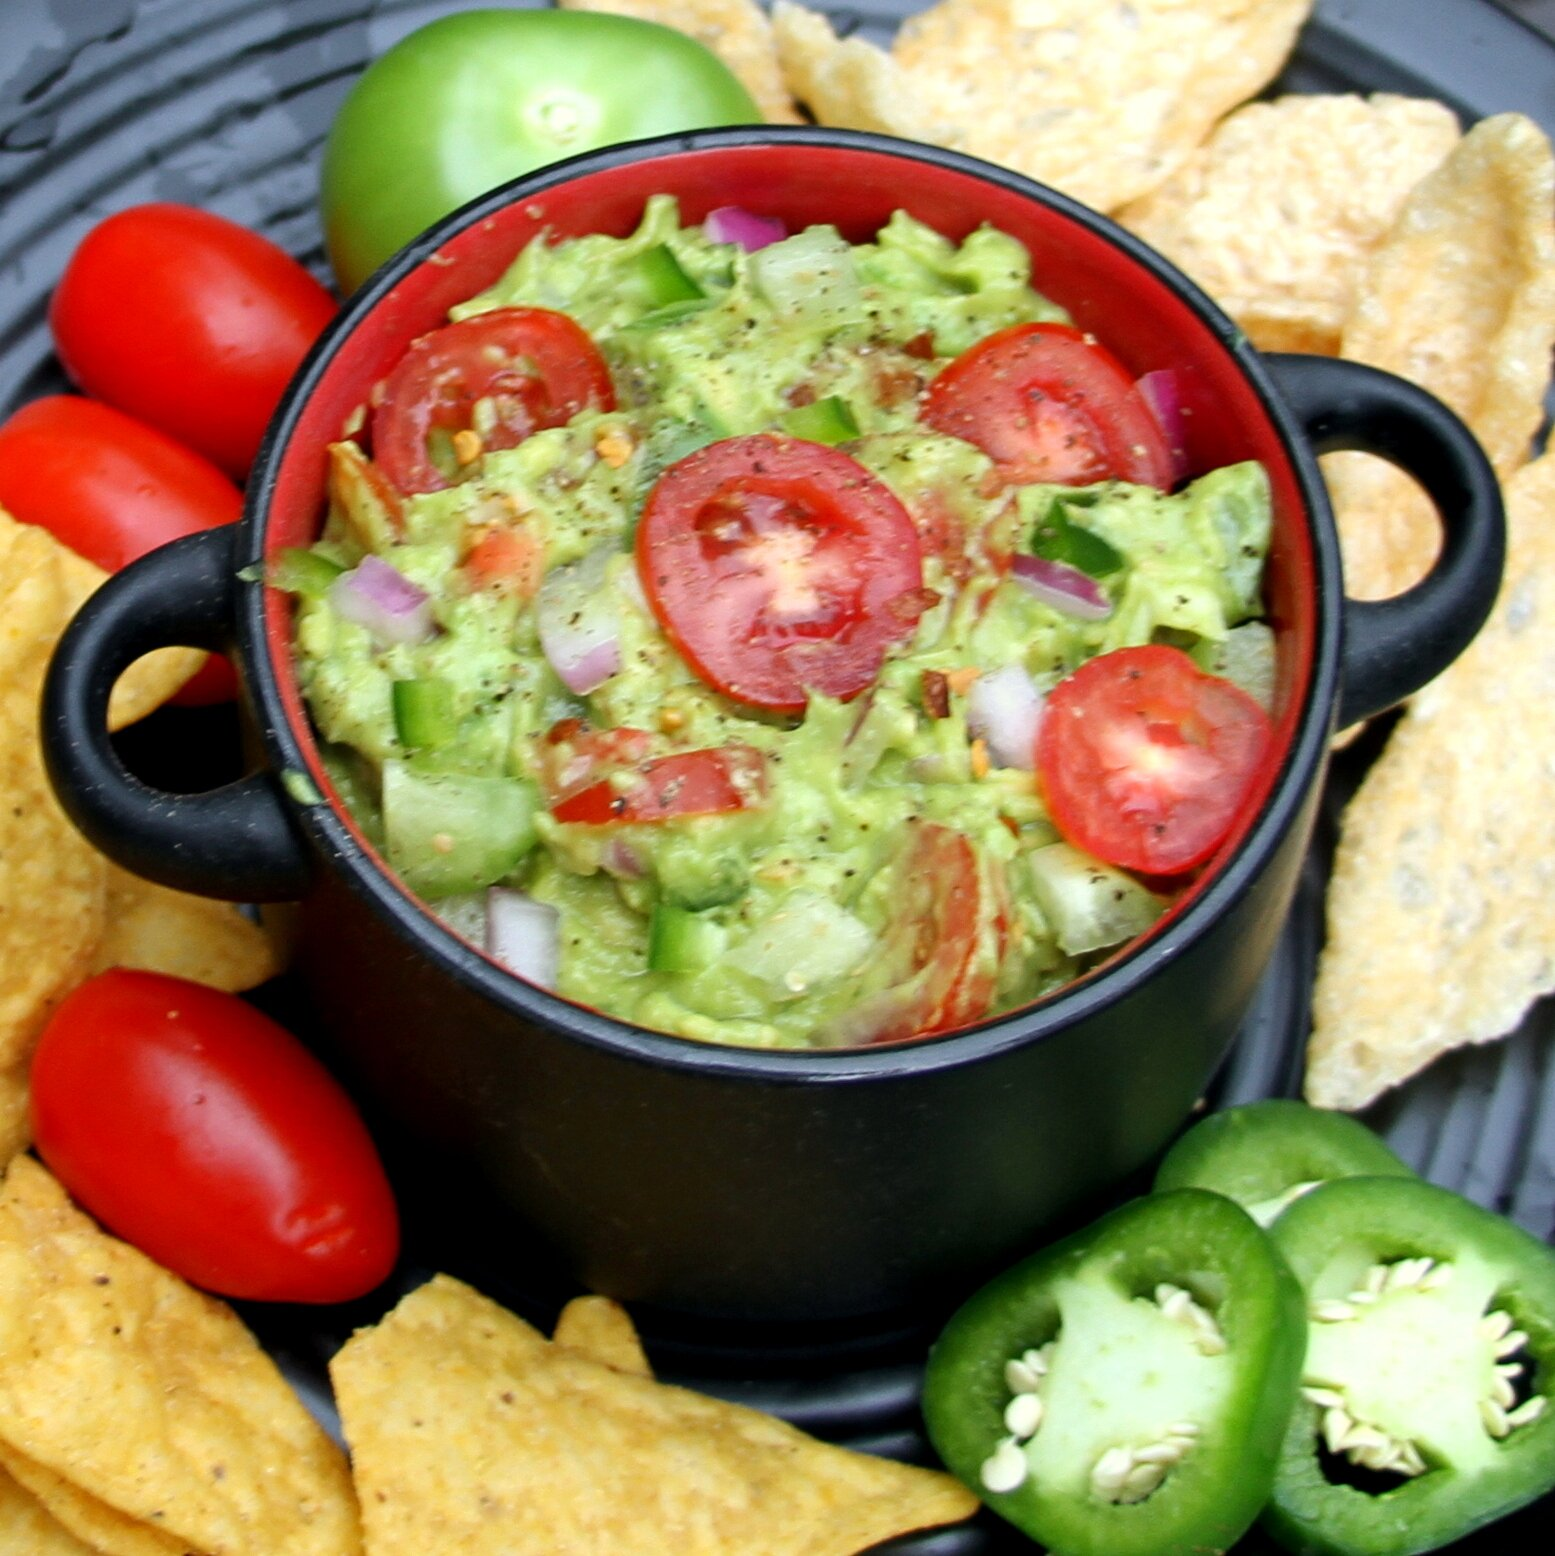 tomatillo guacamole recipe